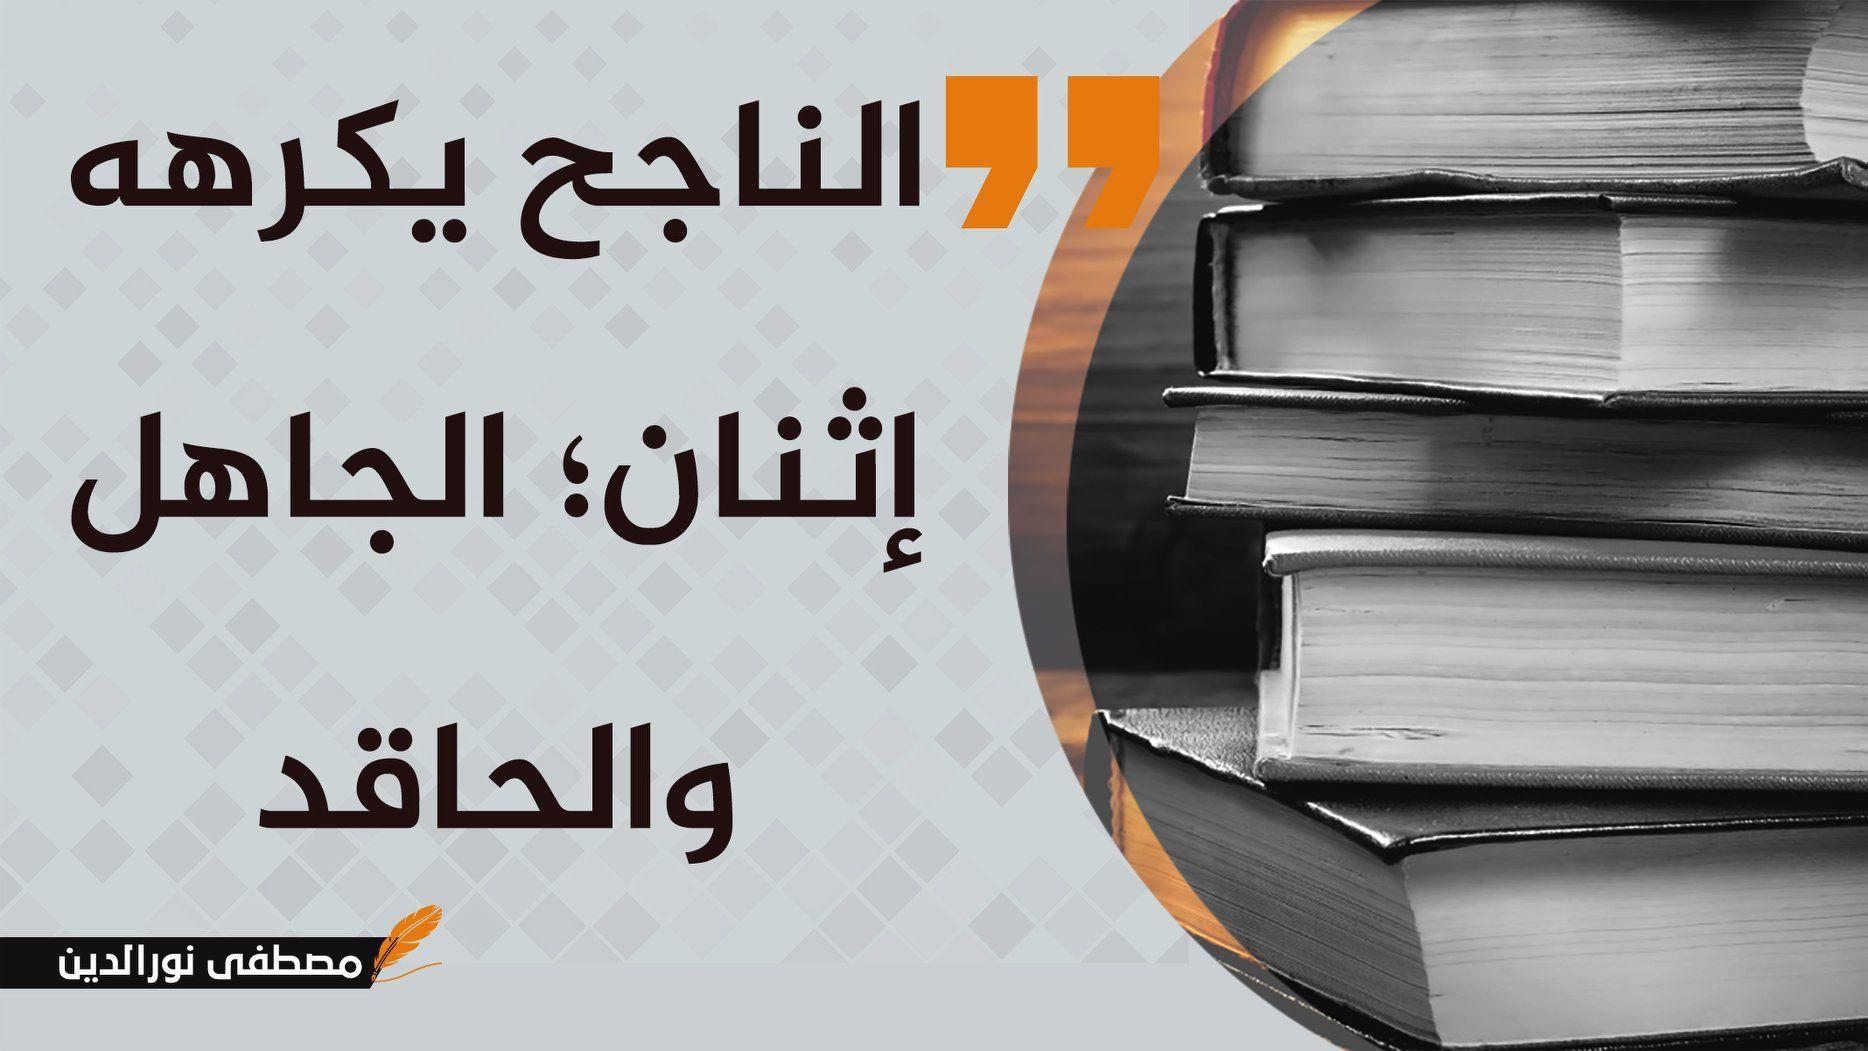 مقتبسات عربية الناجح يكرهه إثنان الجاهل والحاقد Tech Company Logos Company Logo Logos